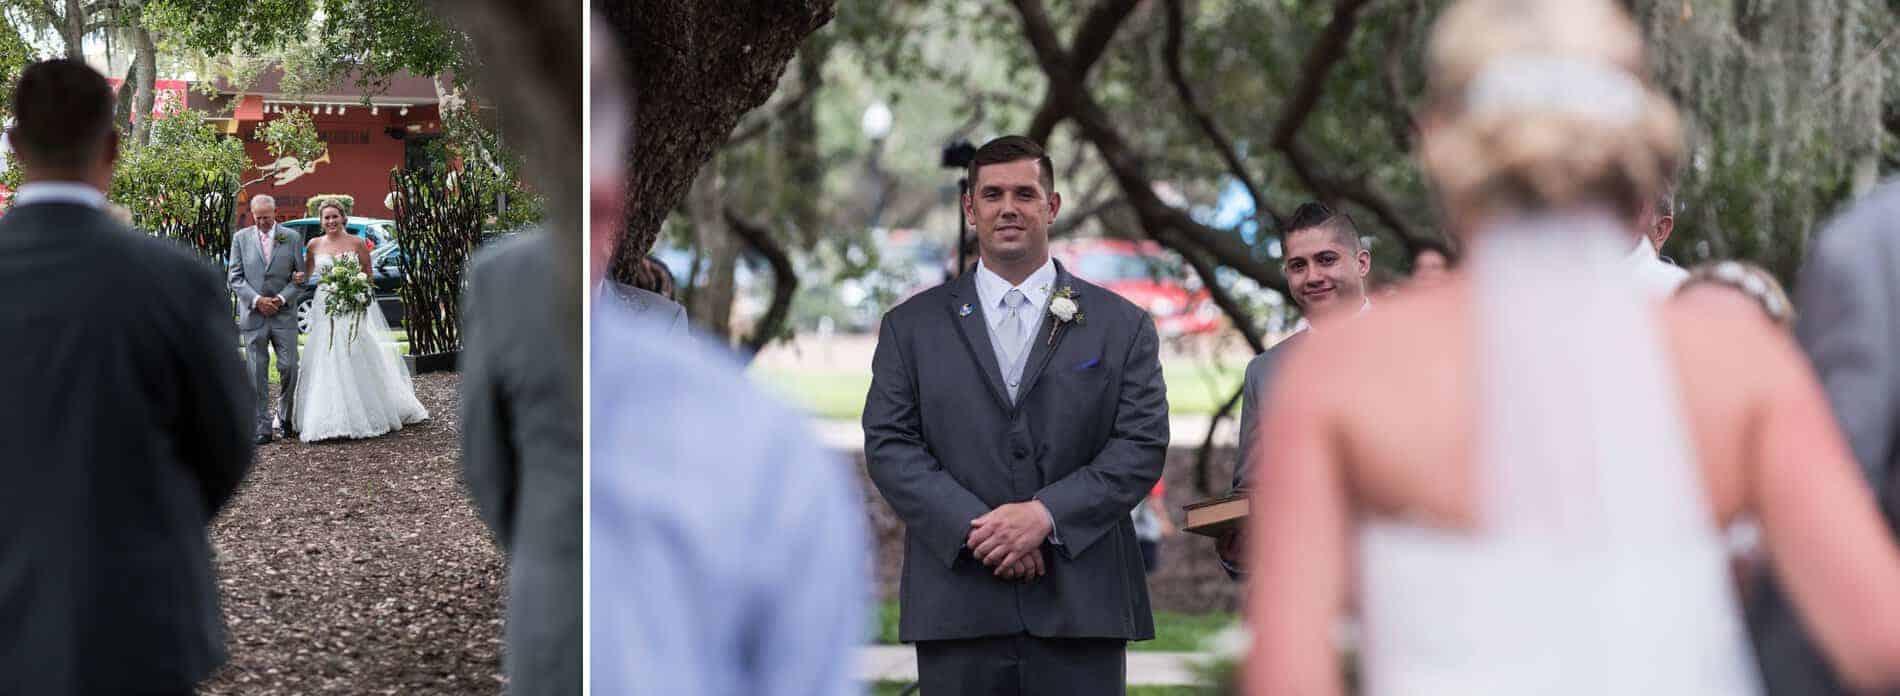 Mayor Tree Outdoor Wedding Photography